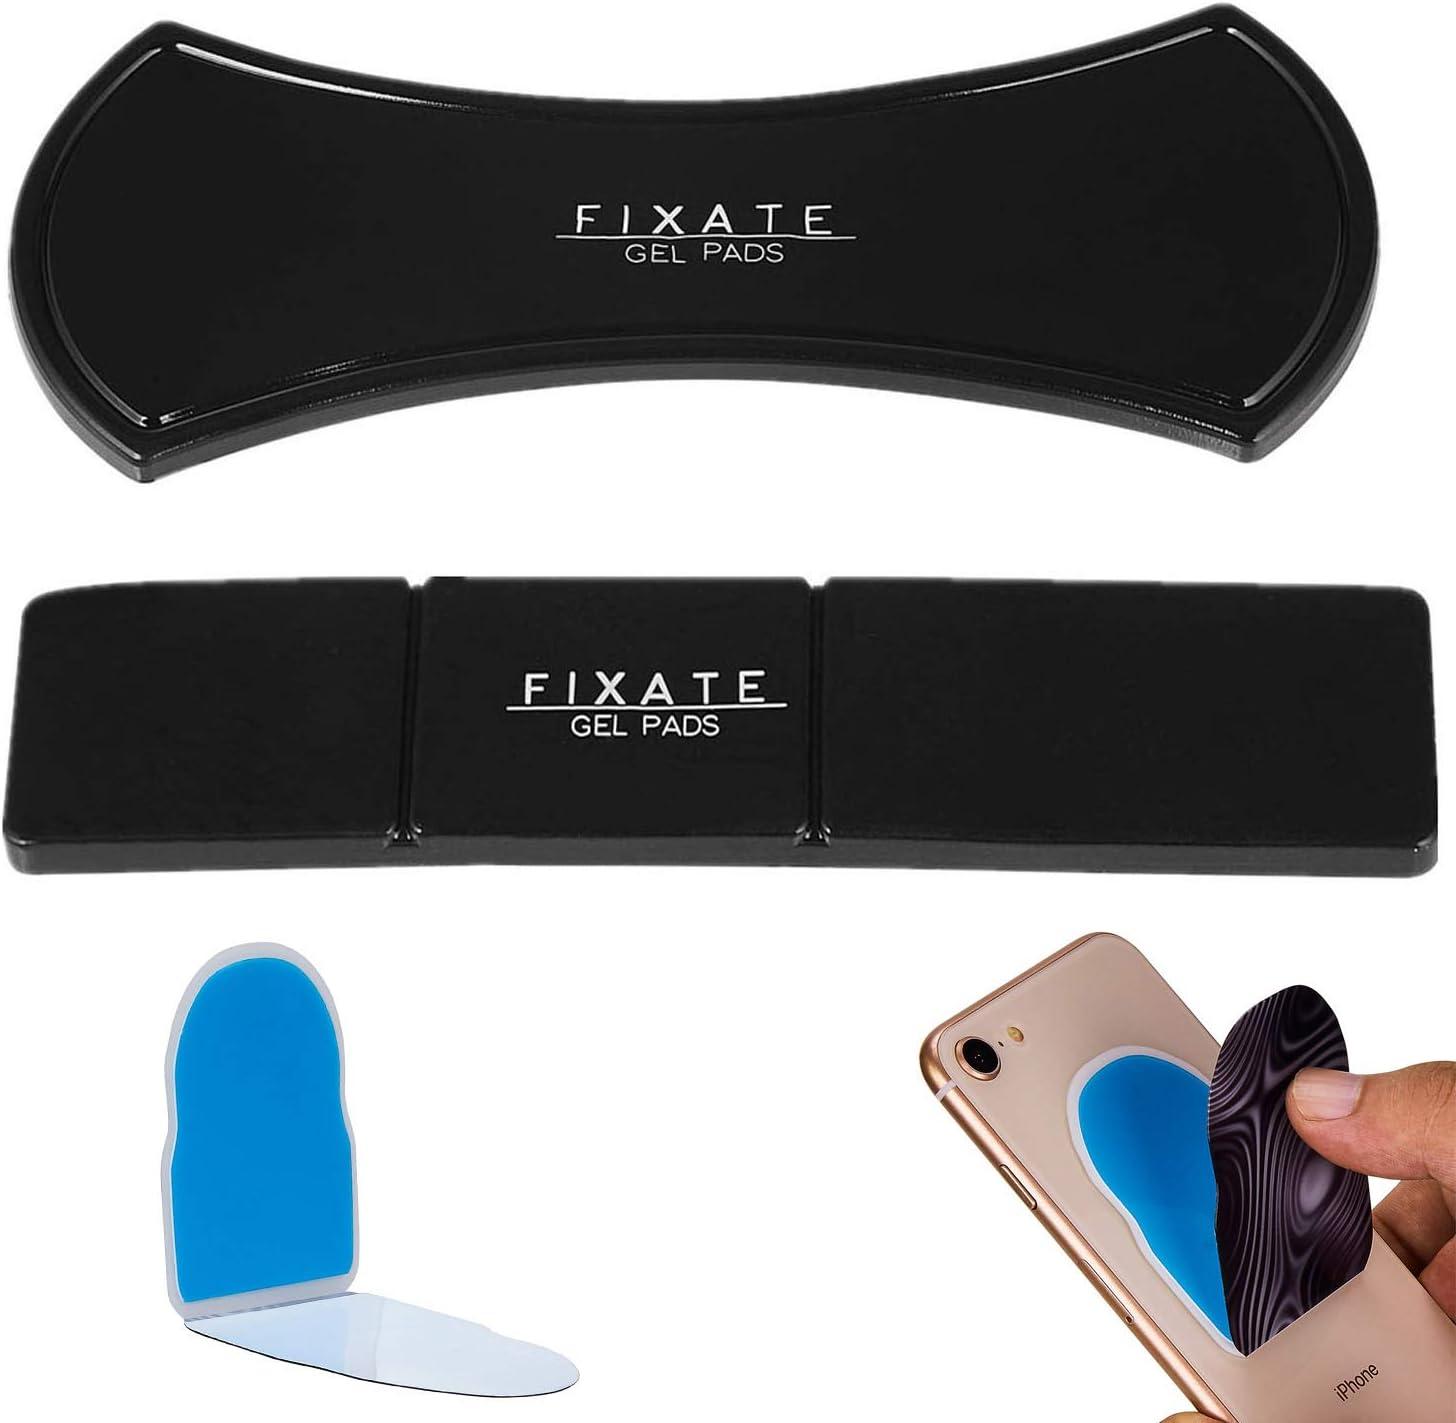 Fixate Cell Gel Pads Flourishiversal Aufkleber Für Handy Auto Handy Plus Ständer Sticky Pad Für Alle Android Smartphones Lama Amazing Nano Gummi Pad 3er Pack Elektronik